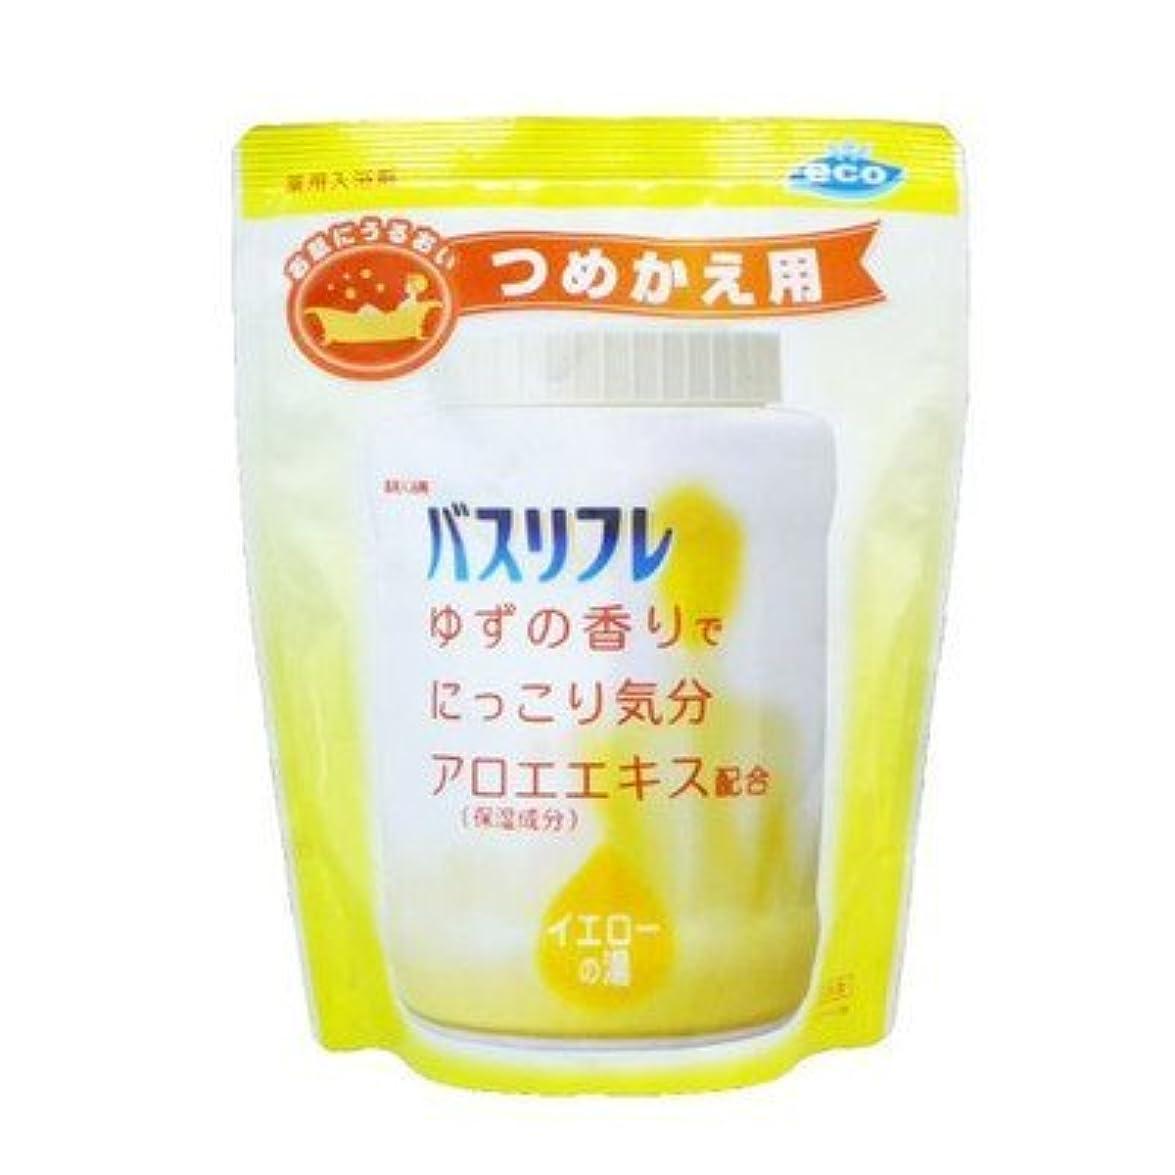 コメント大胆なパースブラックボロウ薬用入浴剤 バスリフレ イエローの湯 つめかえ用 540g ゆずの香り (ライオンケミカル) Japan